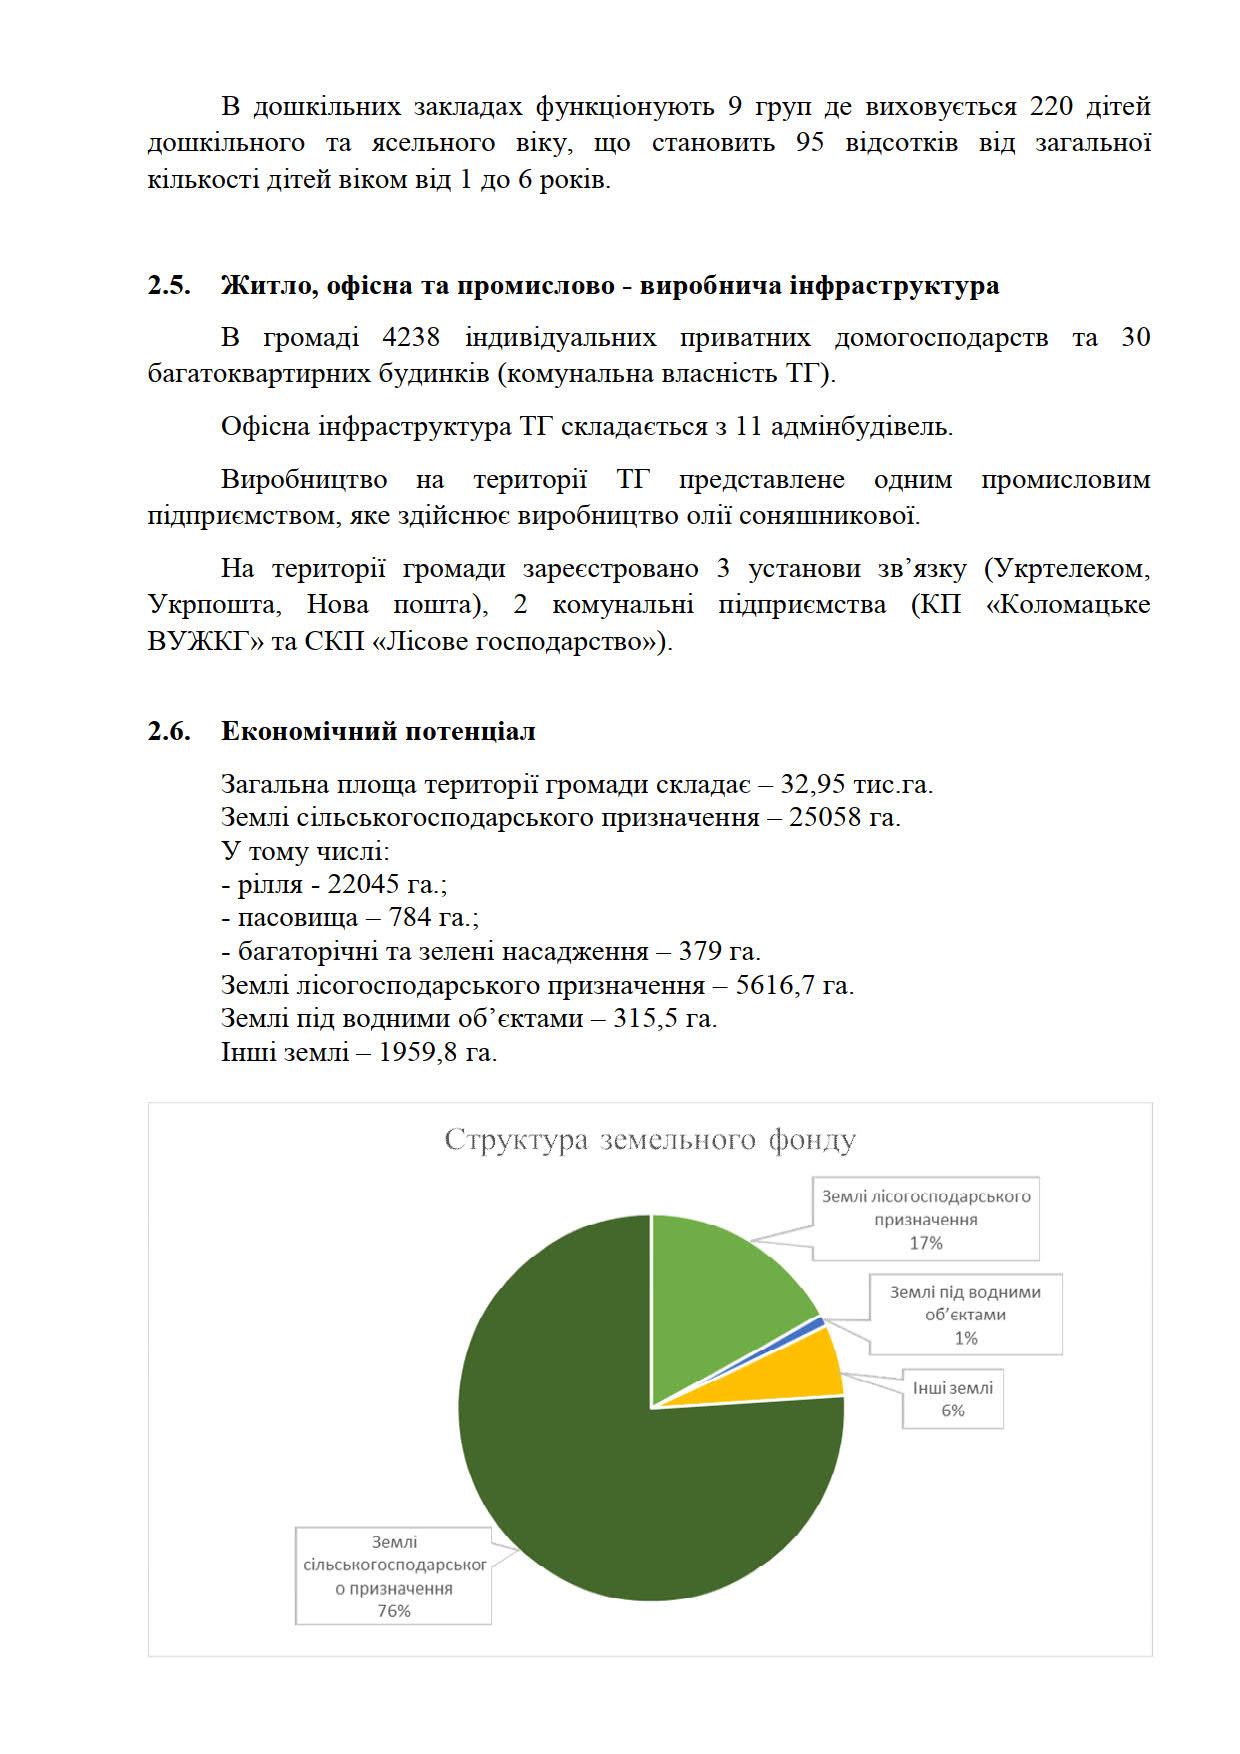 Microsoft Word - інвестиційний паспорт 2021 готов_09